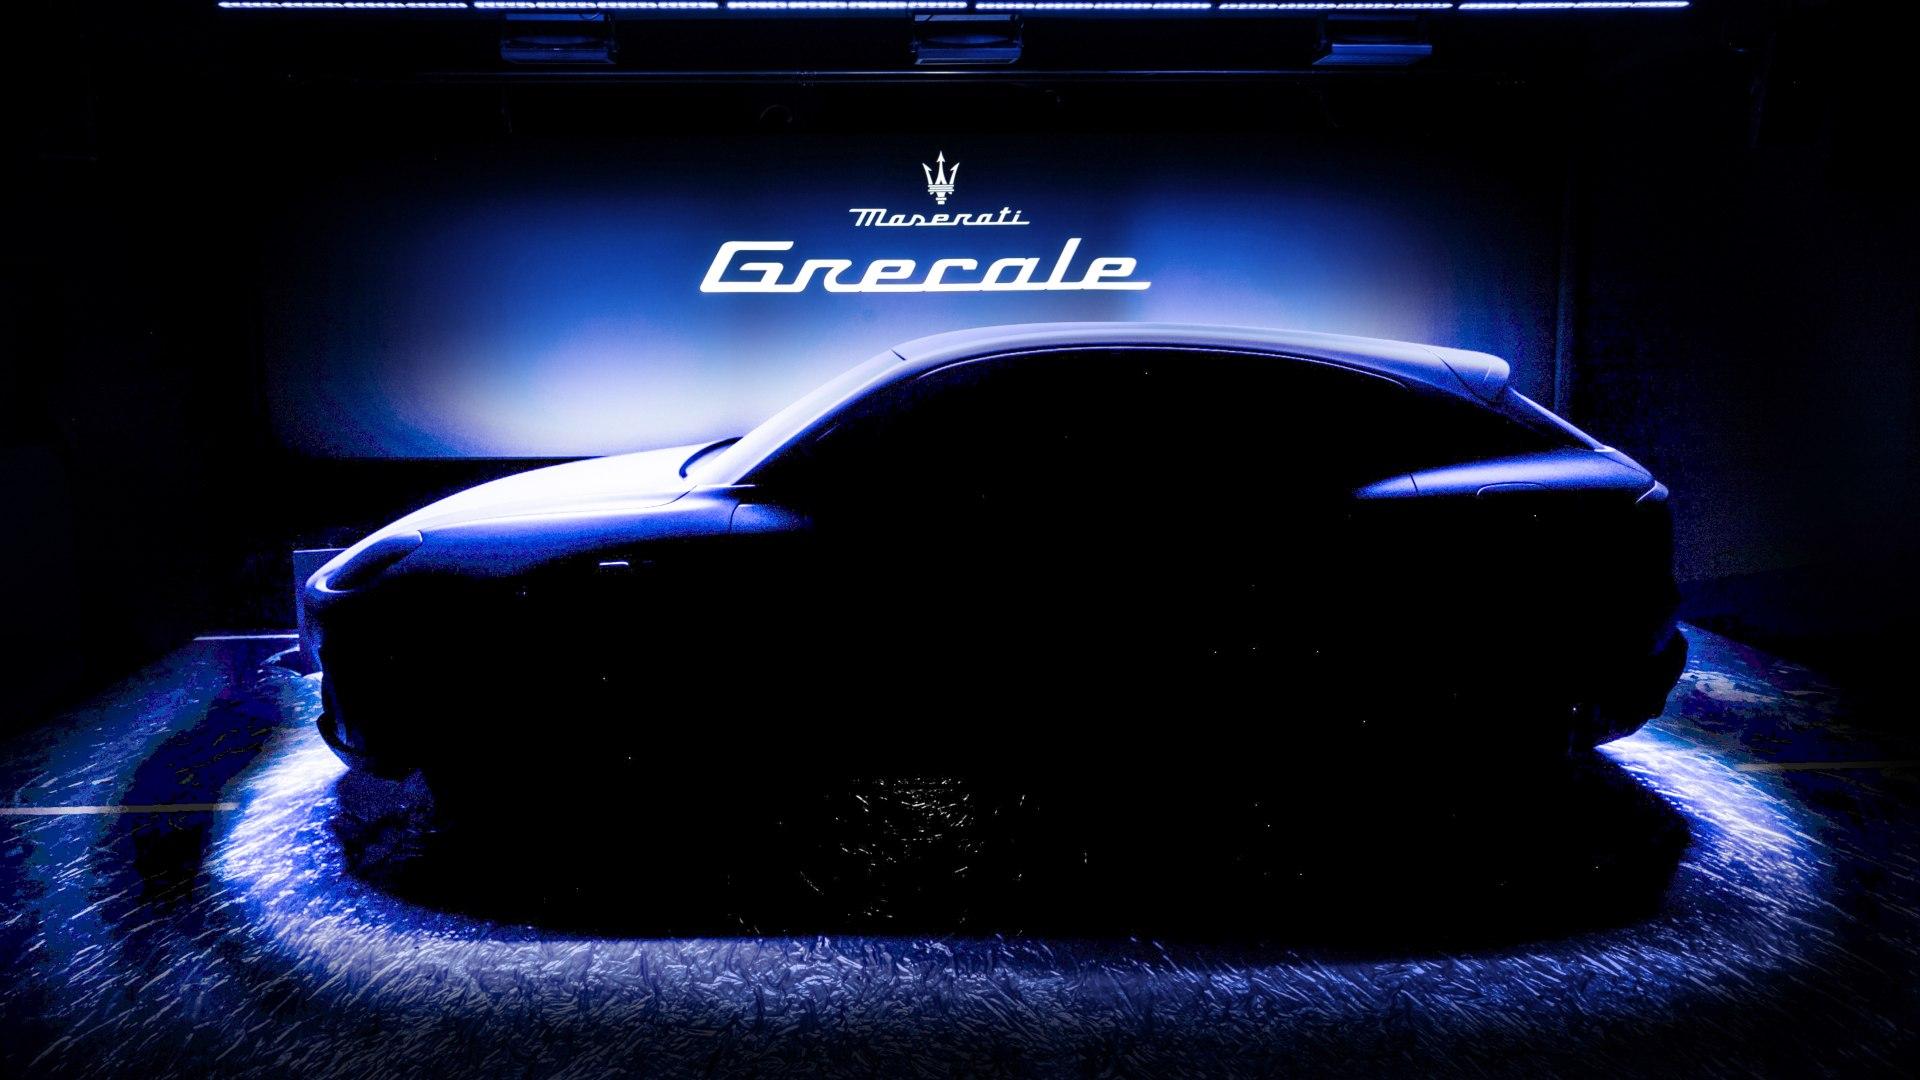 El Maserati Gracale retrasa su llegada hasta 2022